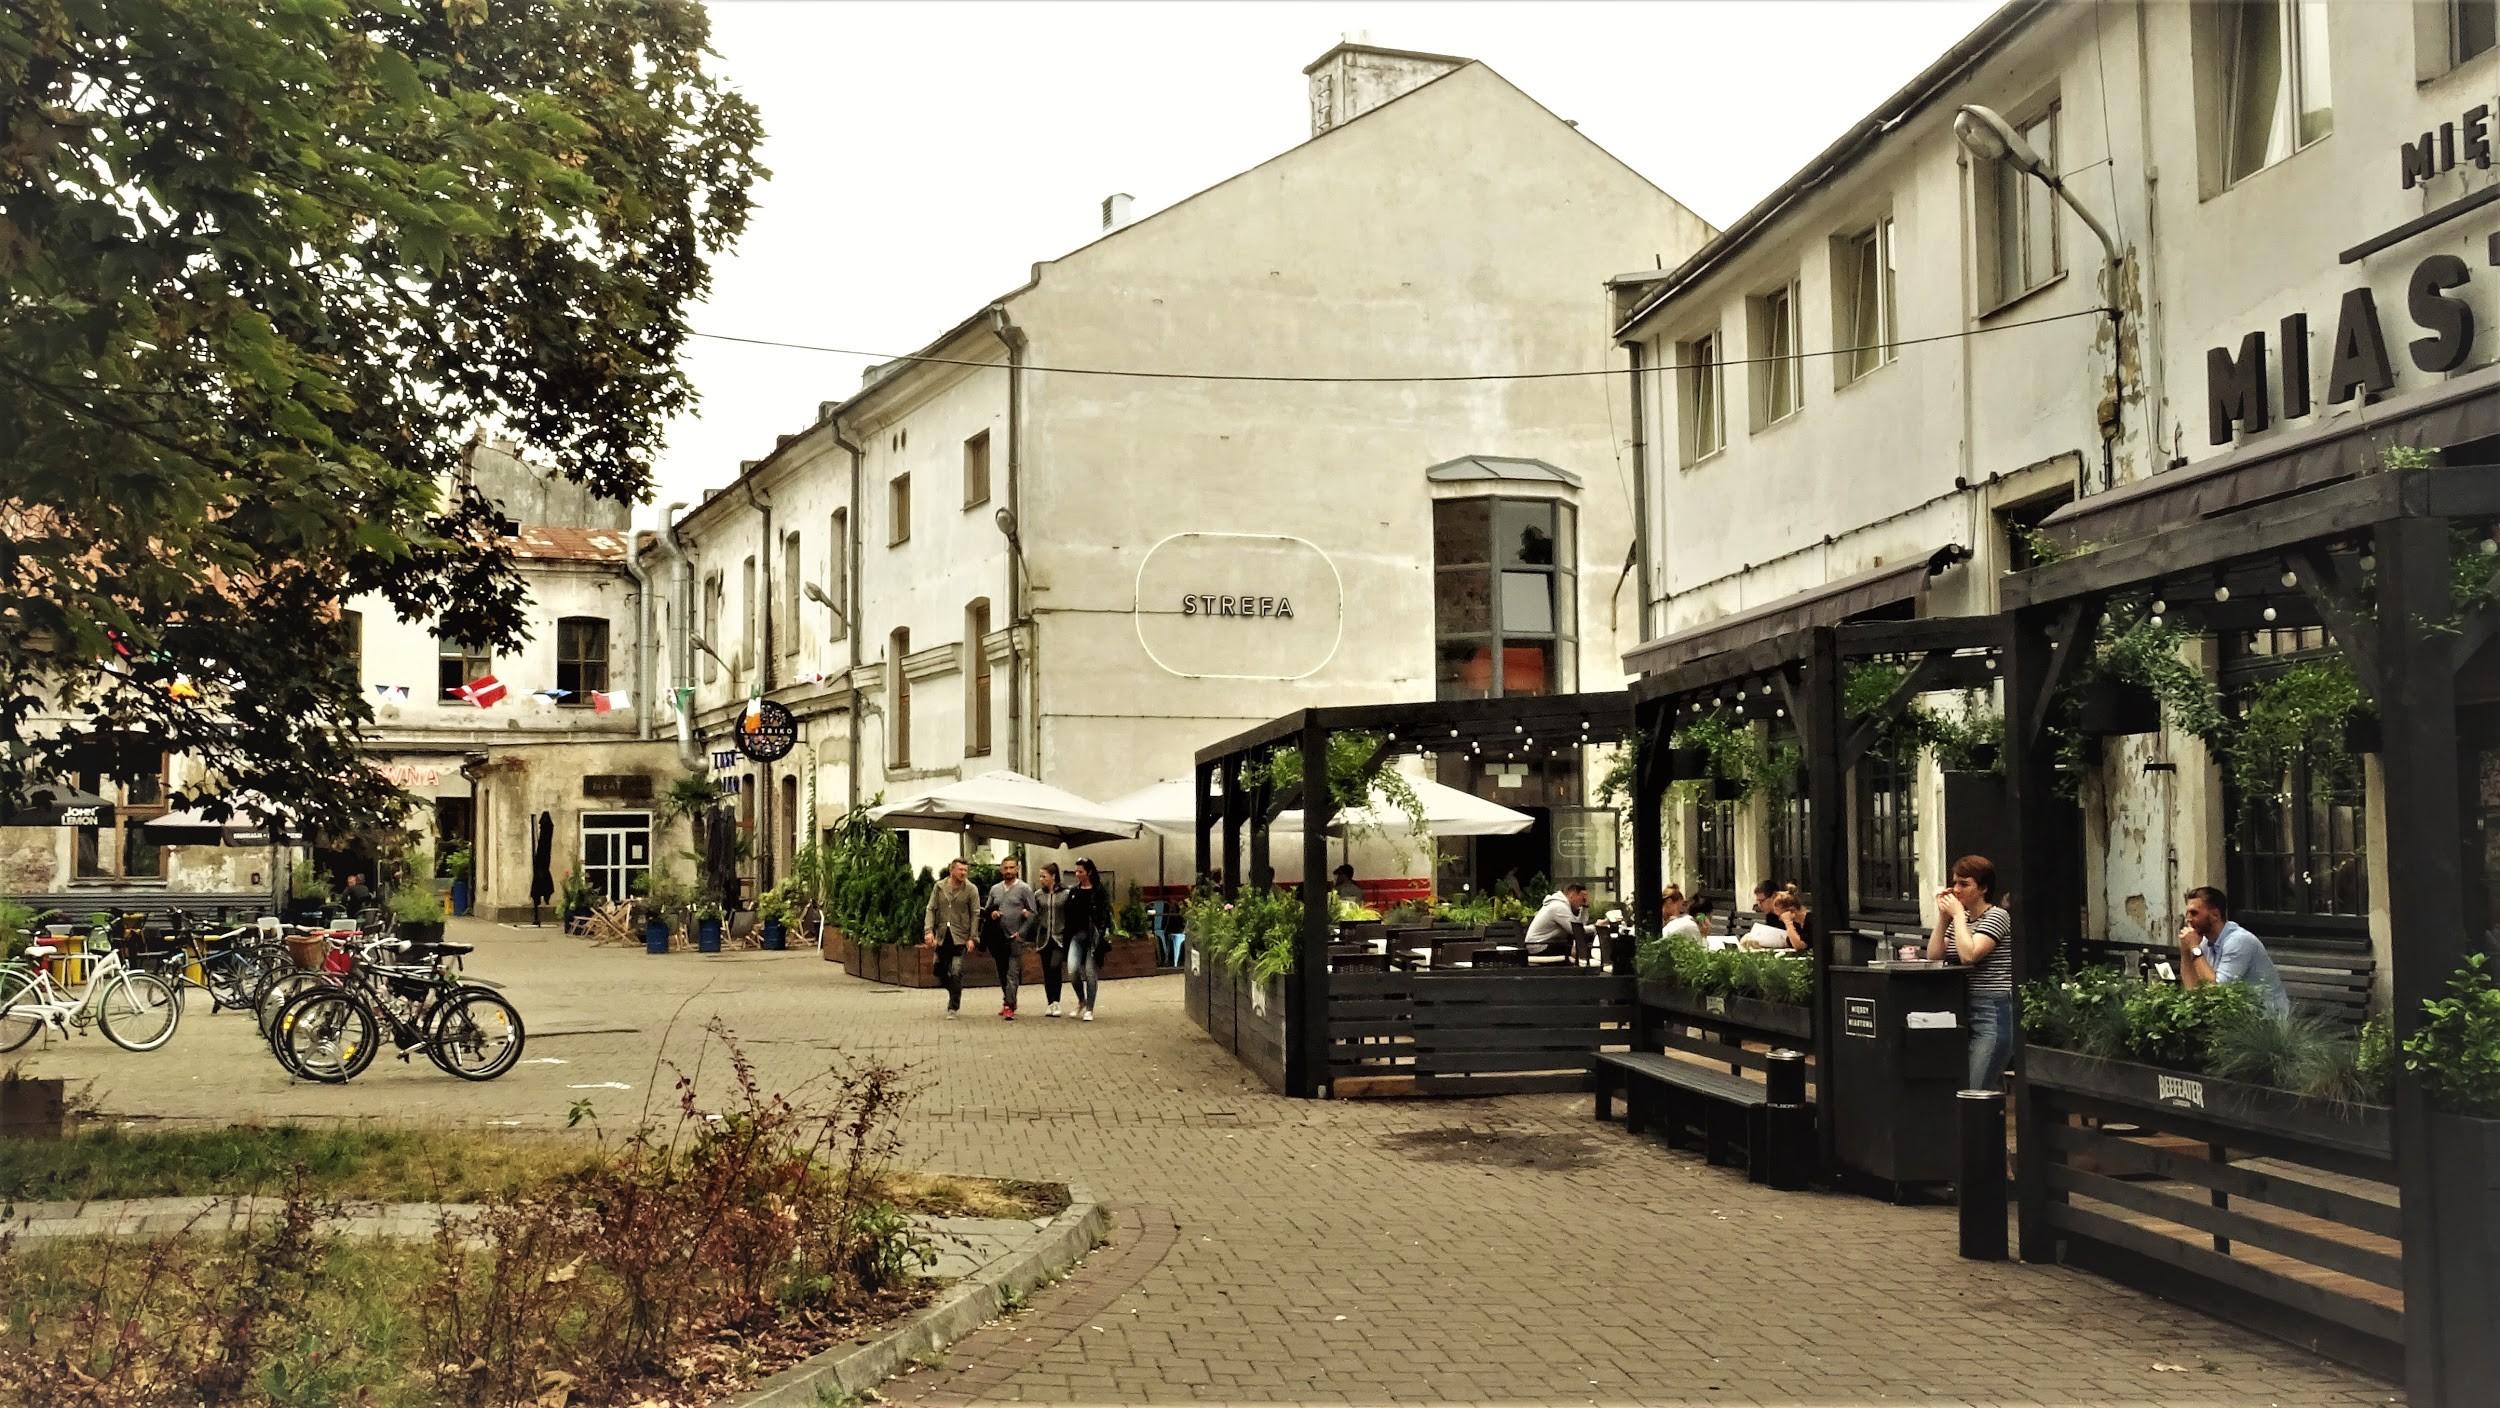 Krakow-DolnychMlynow-CityBreak-03